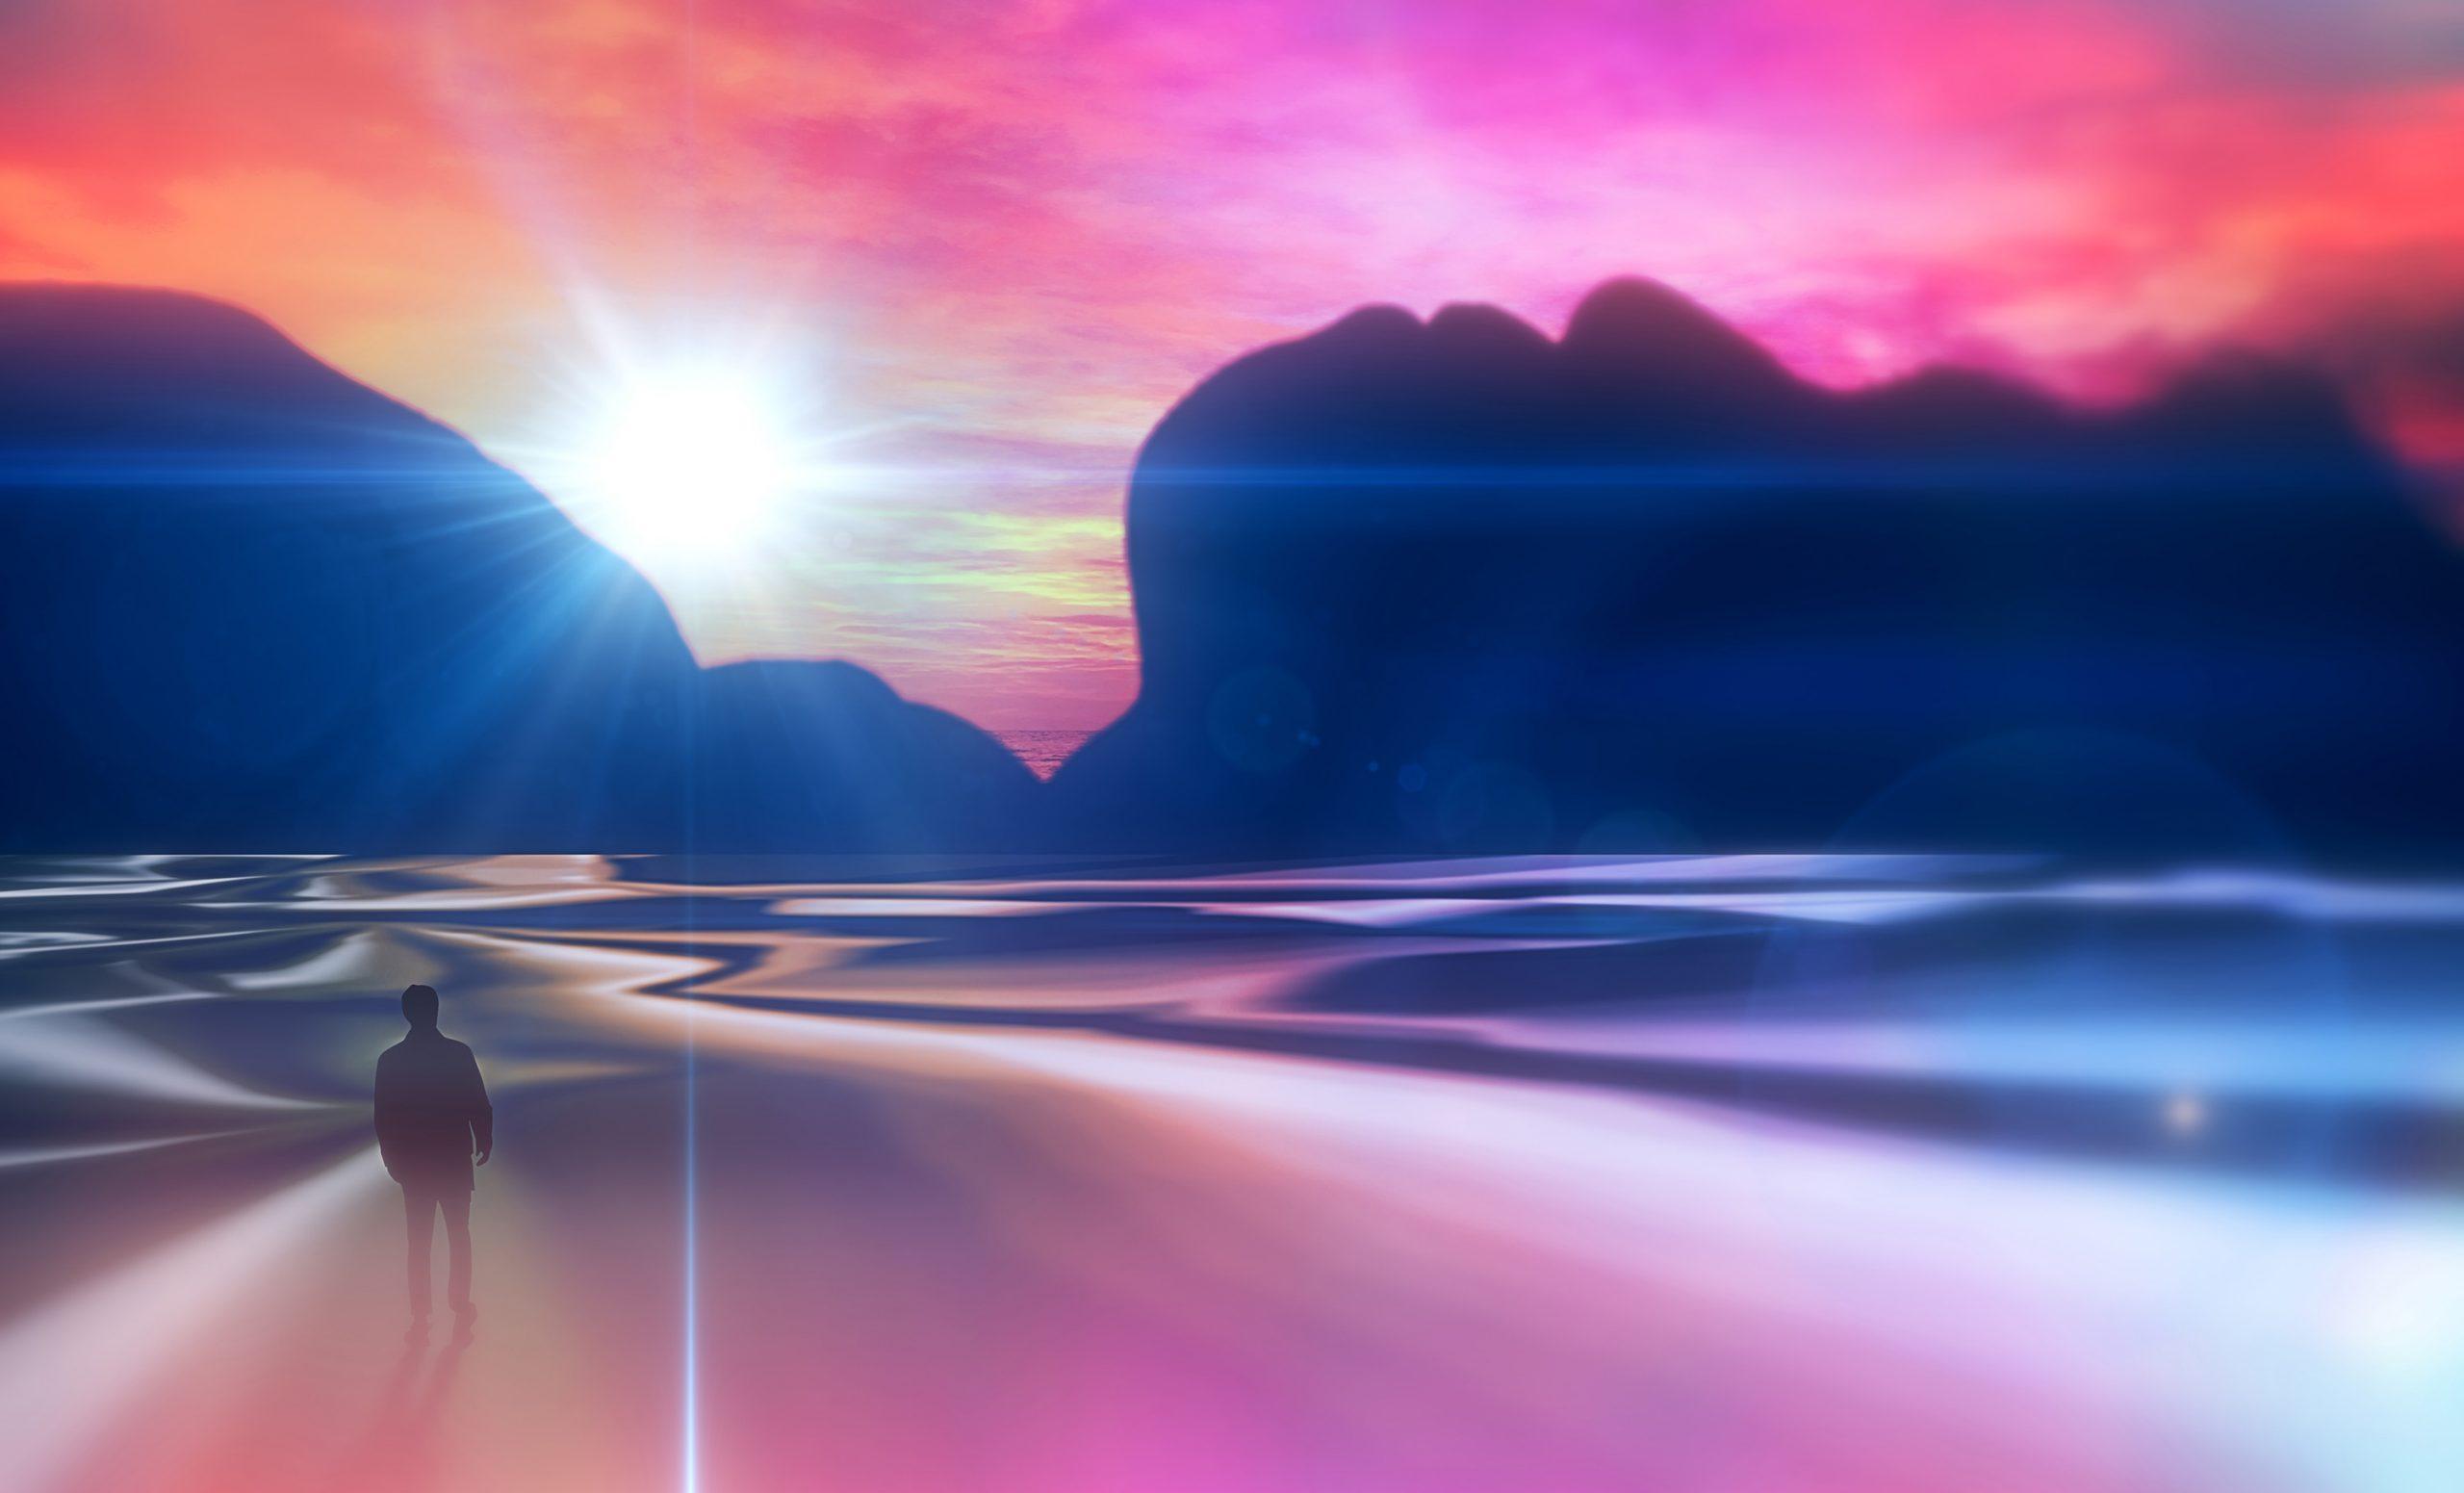 夢であることを自覚できる夢、「明晰夢」をめぐる秘密